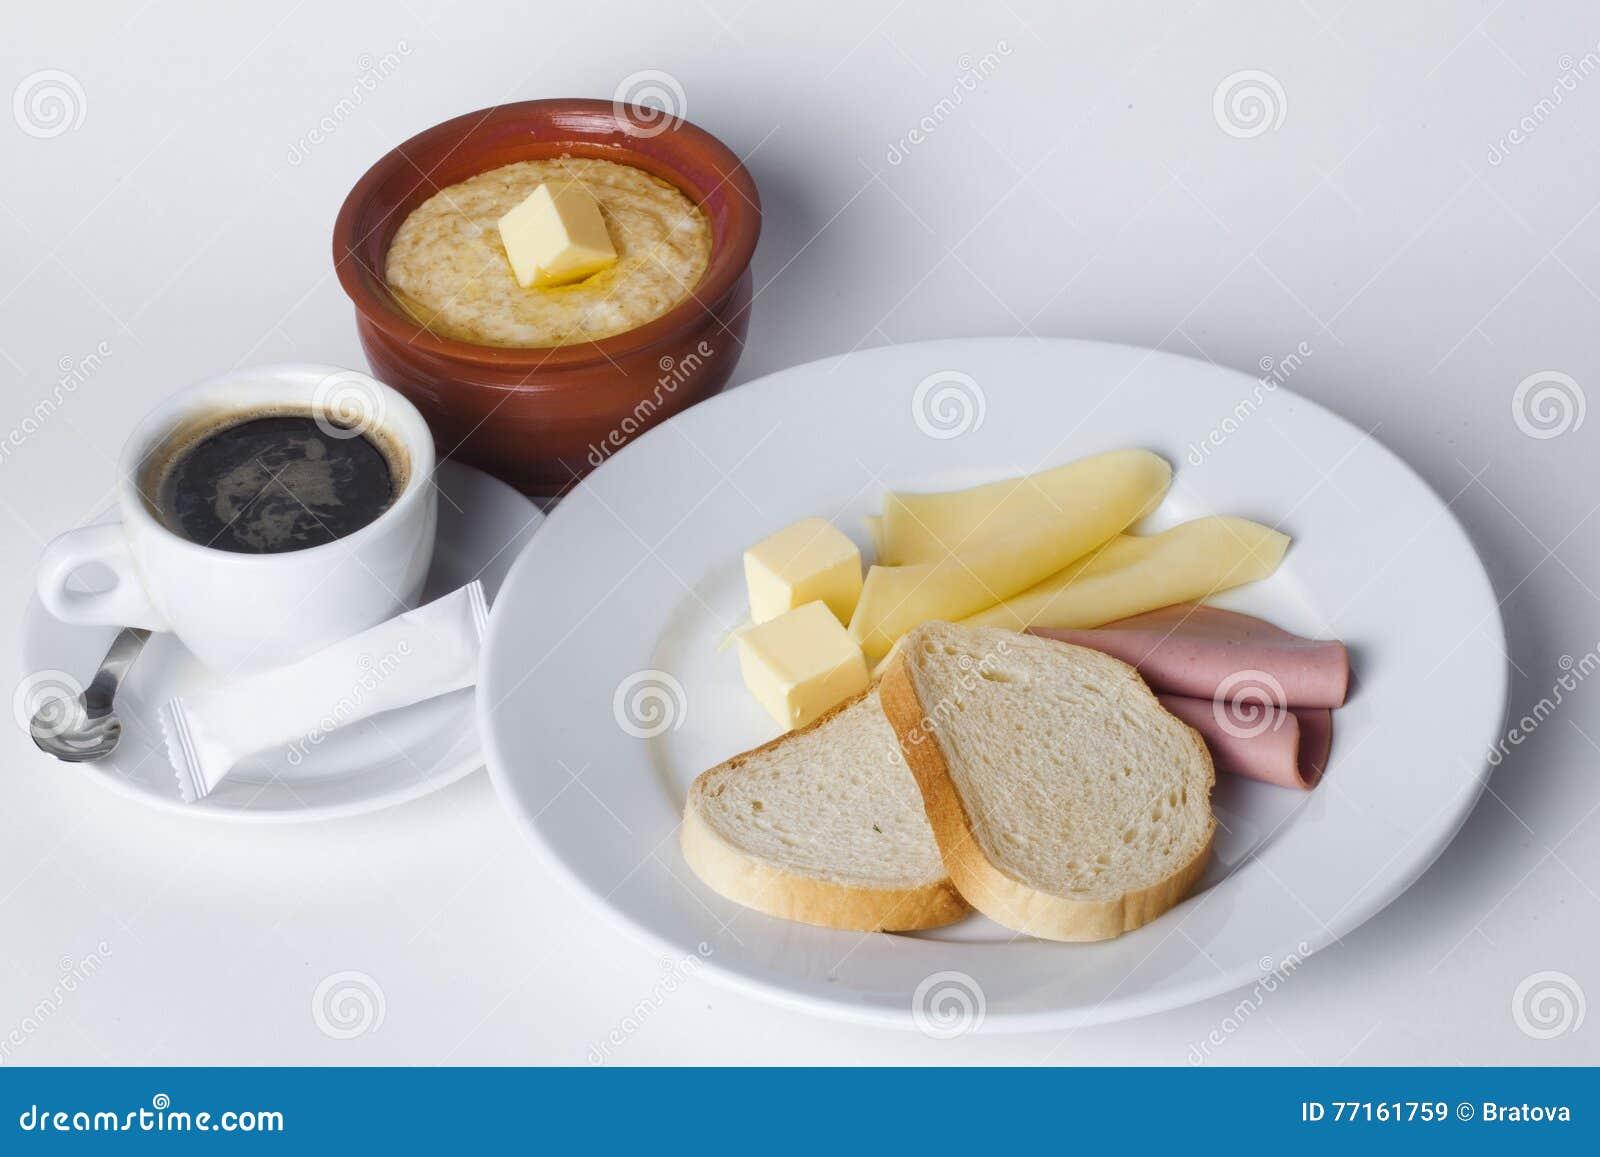 Saucisse, fromage, pain blanc, beurre, céréale, pot, café, ensemble de petit déjeuner